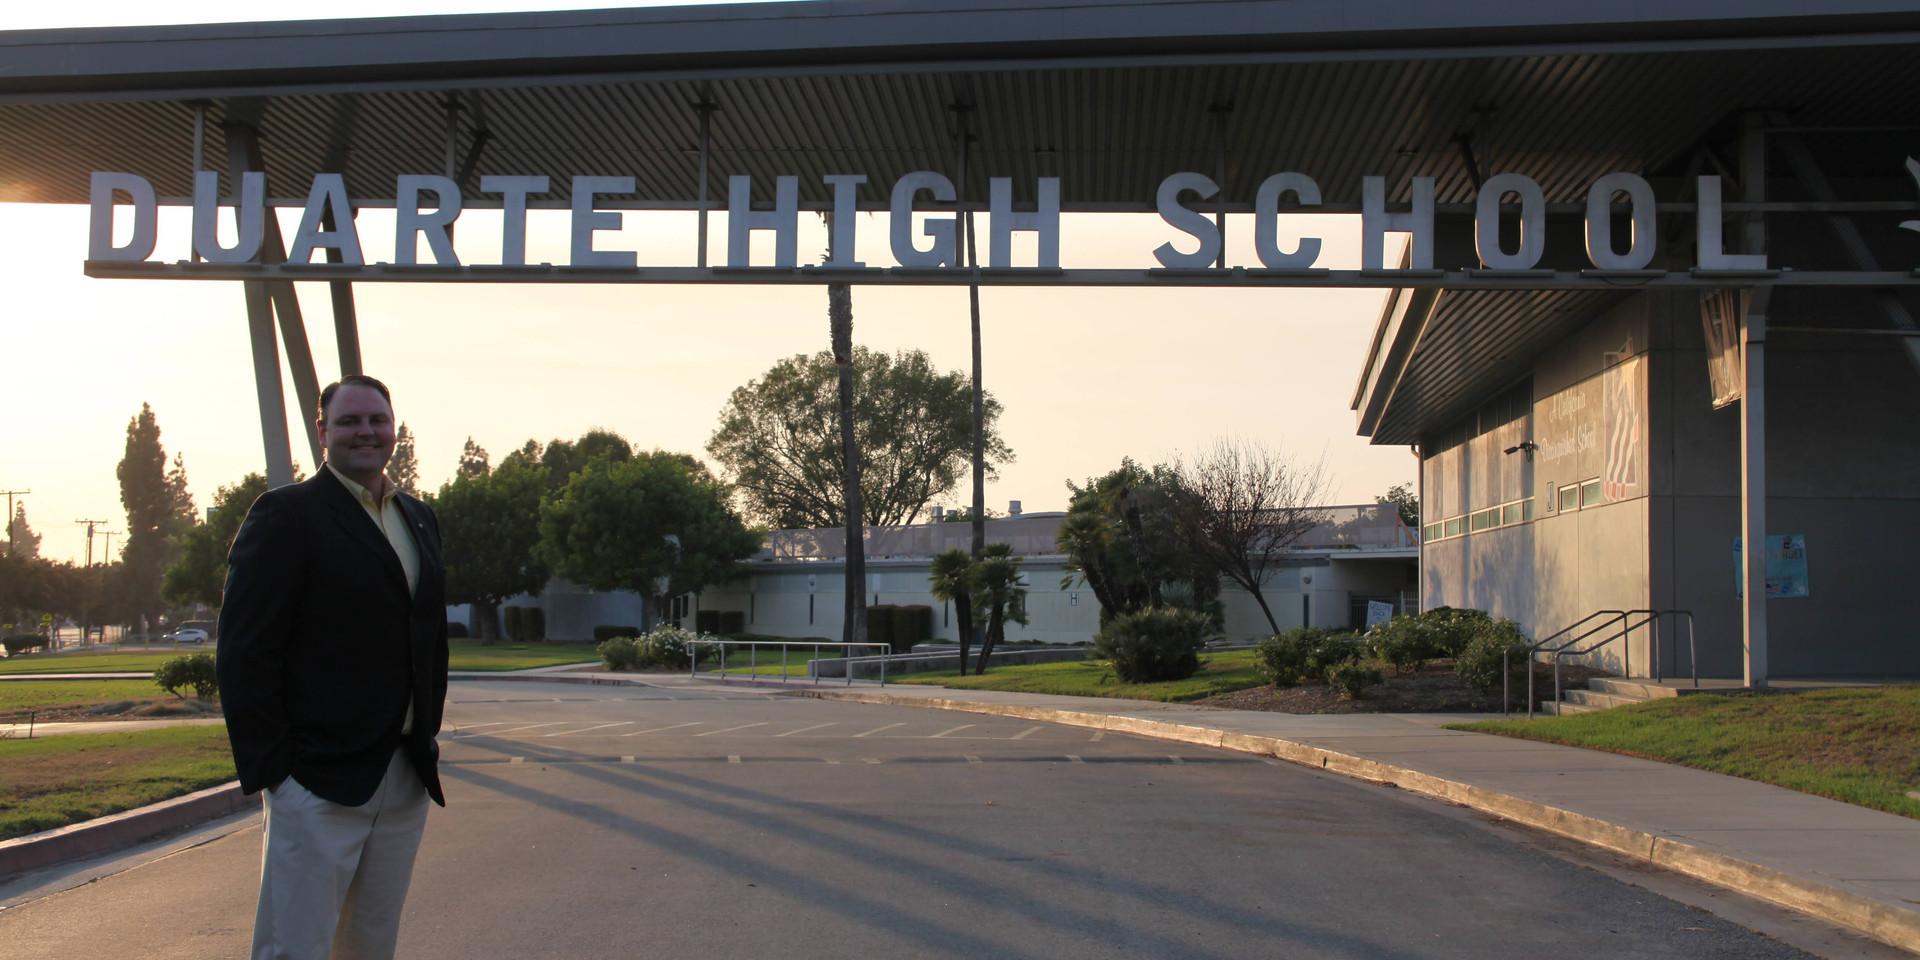 Duarte High School